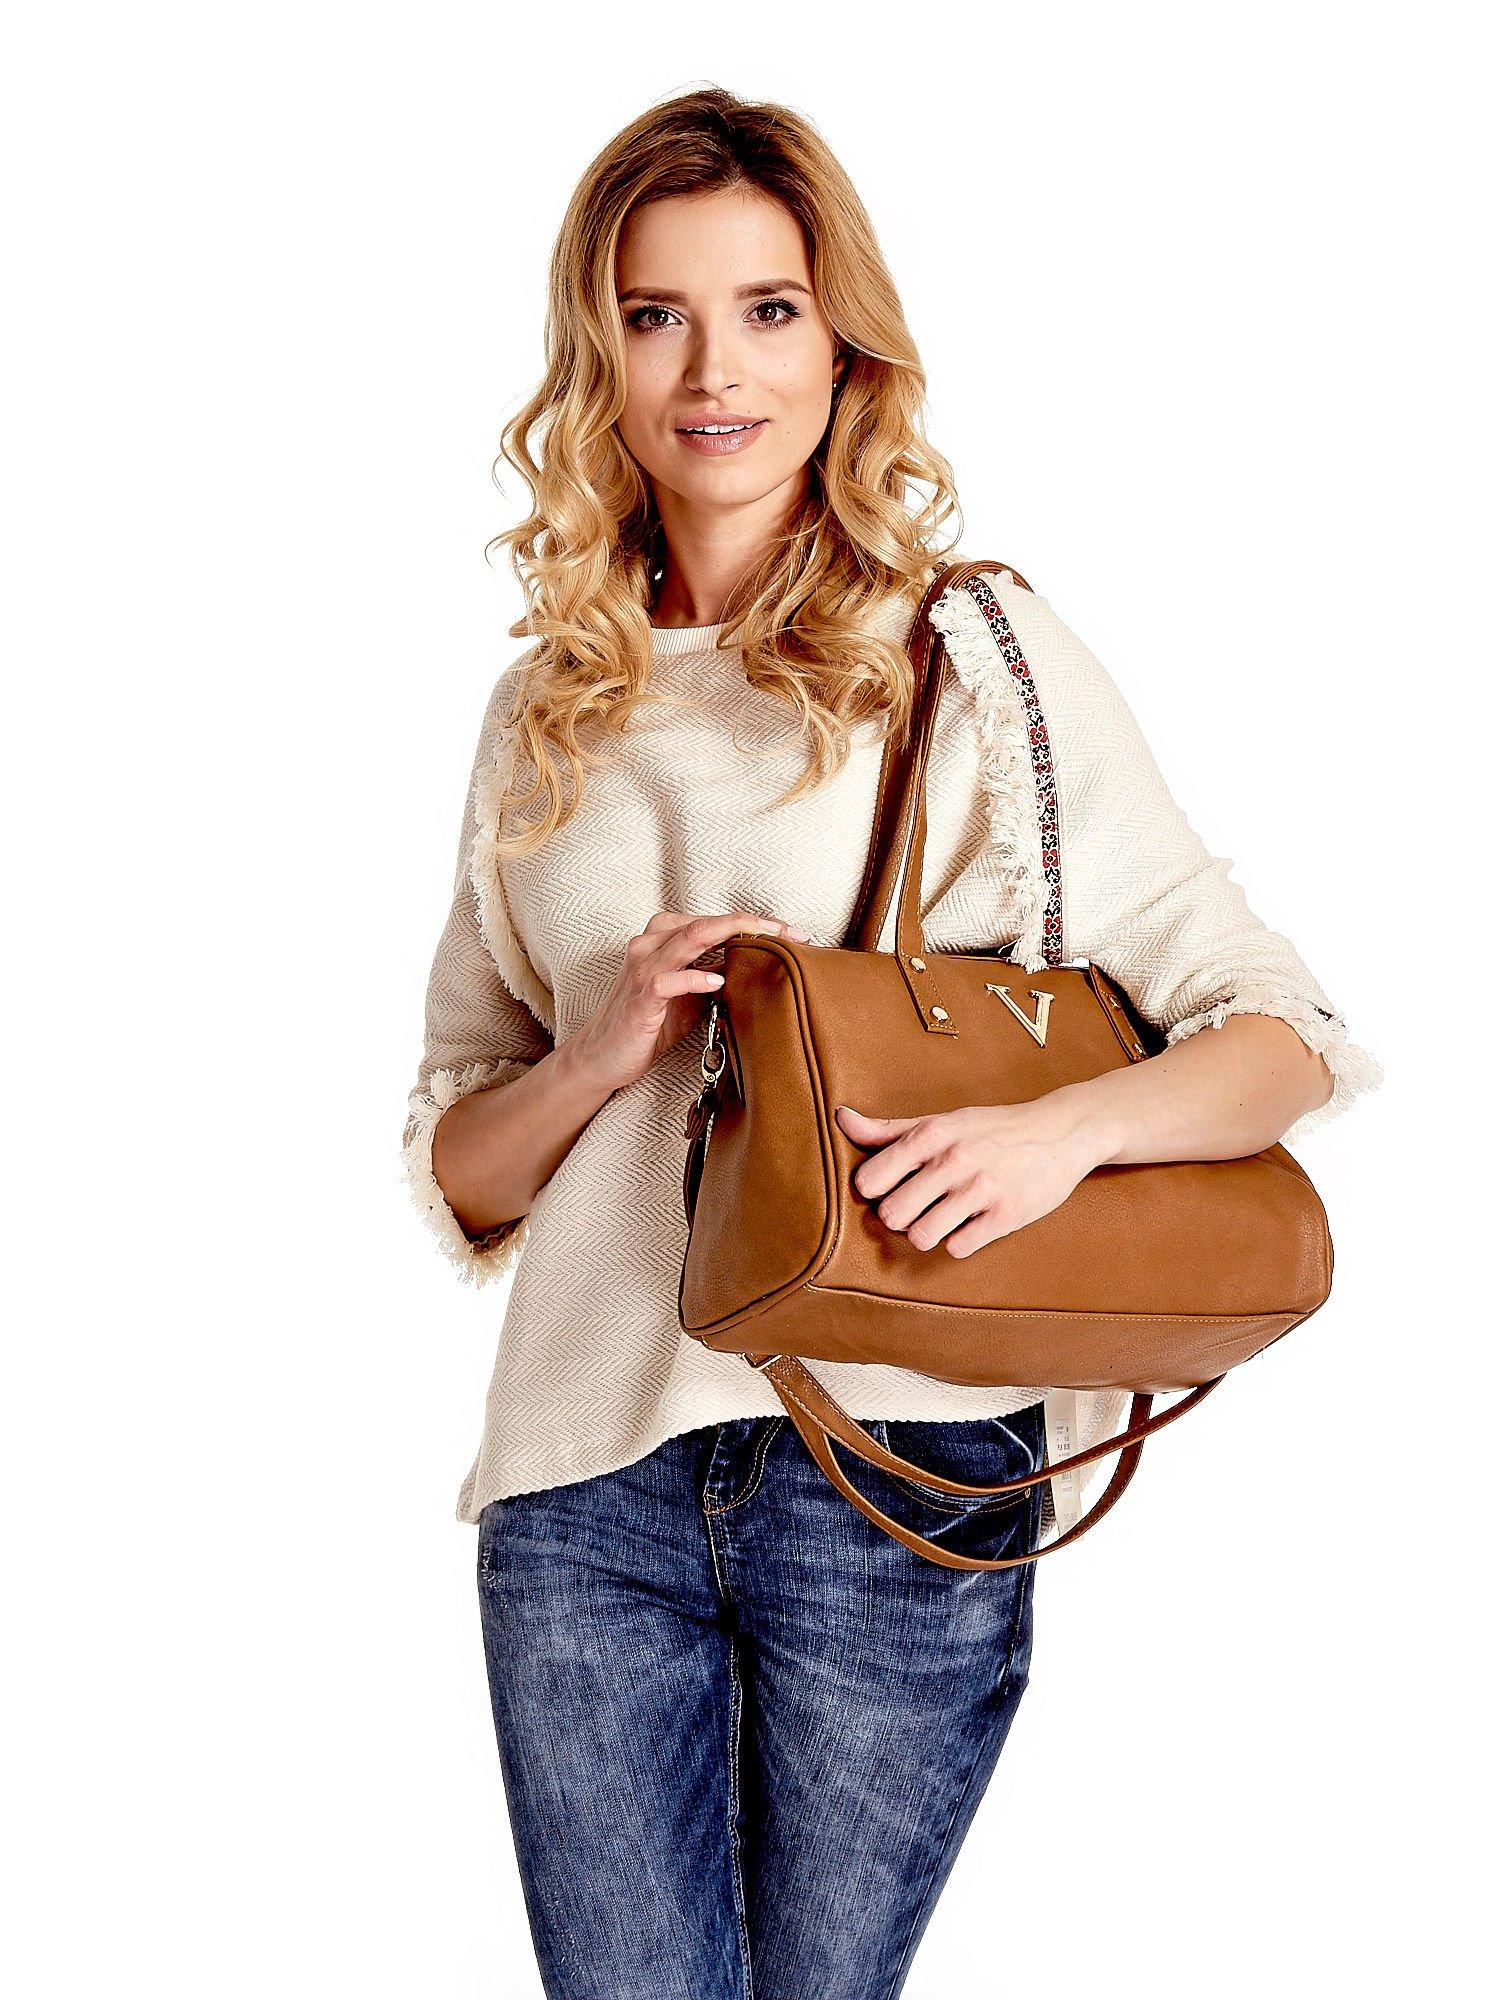 Ciemnobrązowa torba na ramię ze złotym emblematem                                  zdj.                                  1